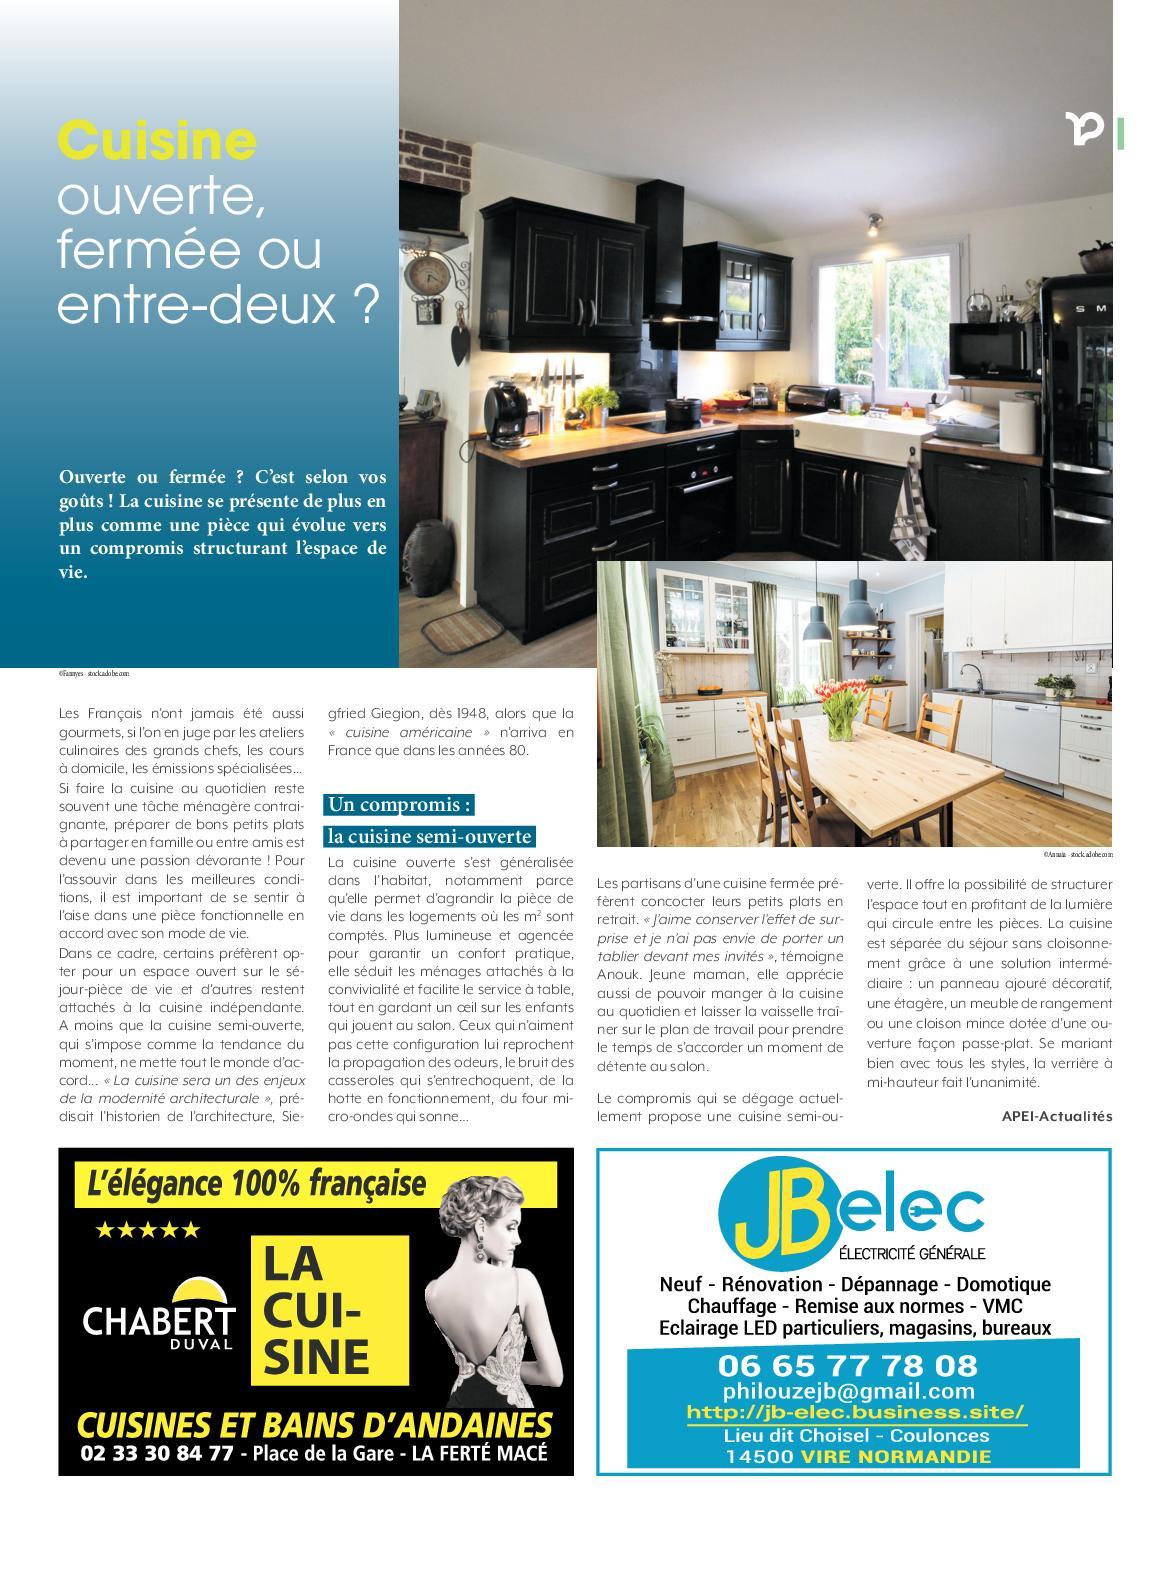 Salon Mobilier De France Génial Habitat Oc Mars 2019 Calameo Downloader Of 39 Best Of Salon Mobilier De France